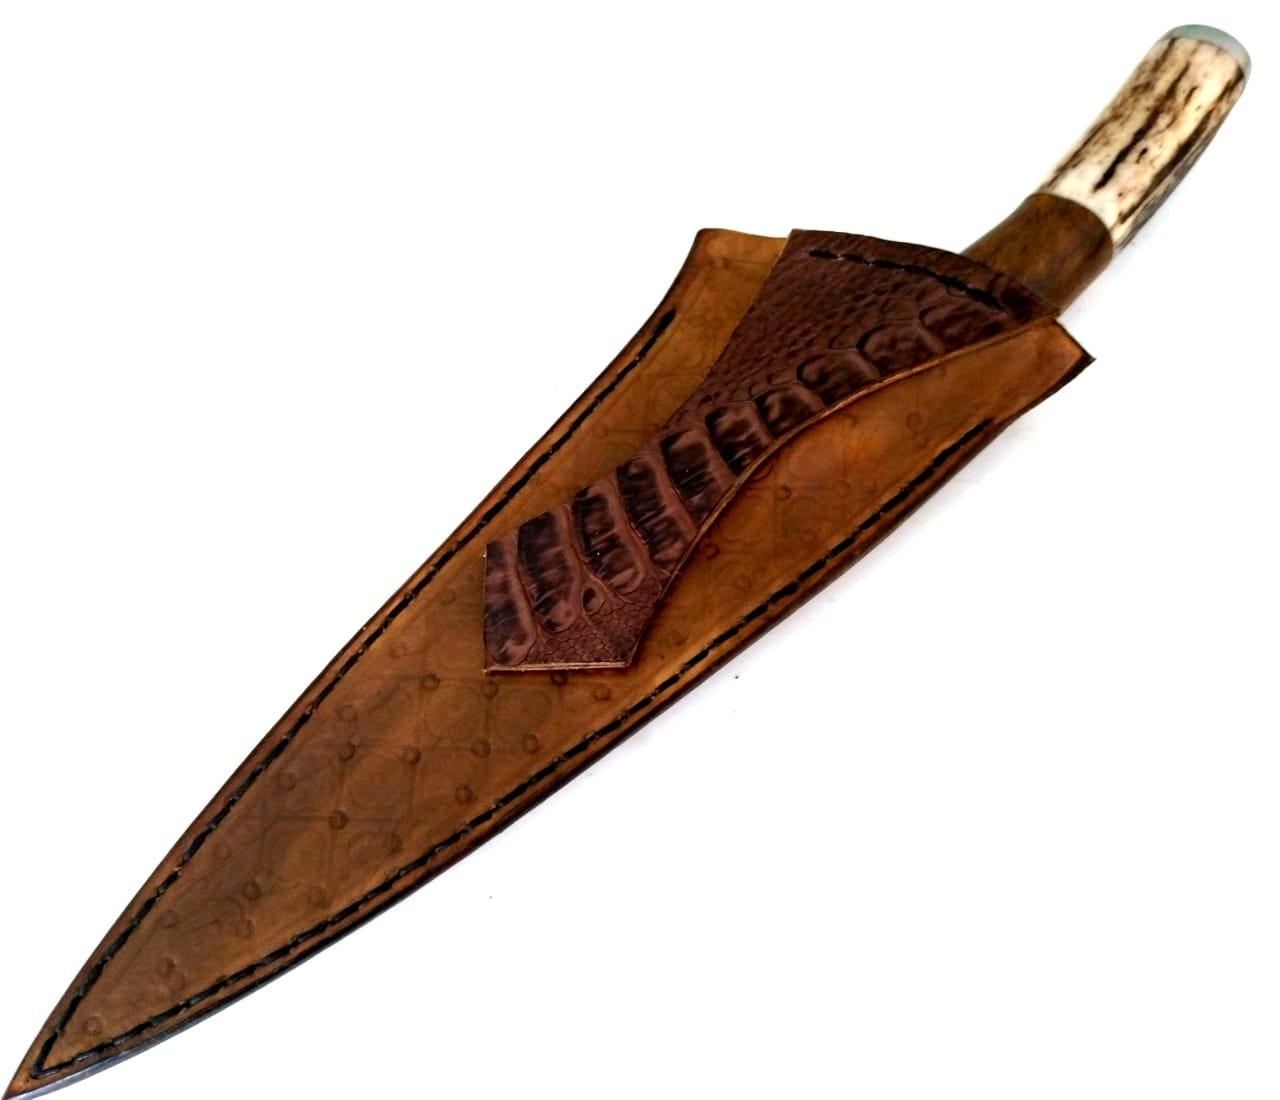 Faca artesanal de tesoura antiga